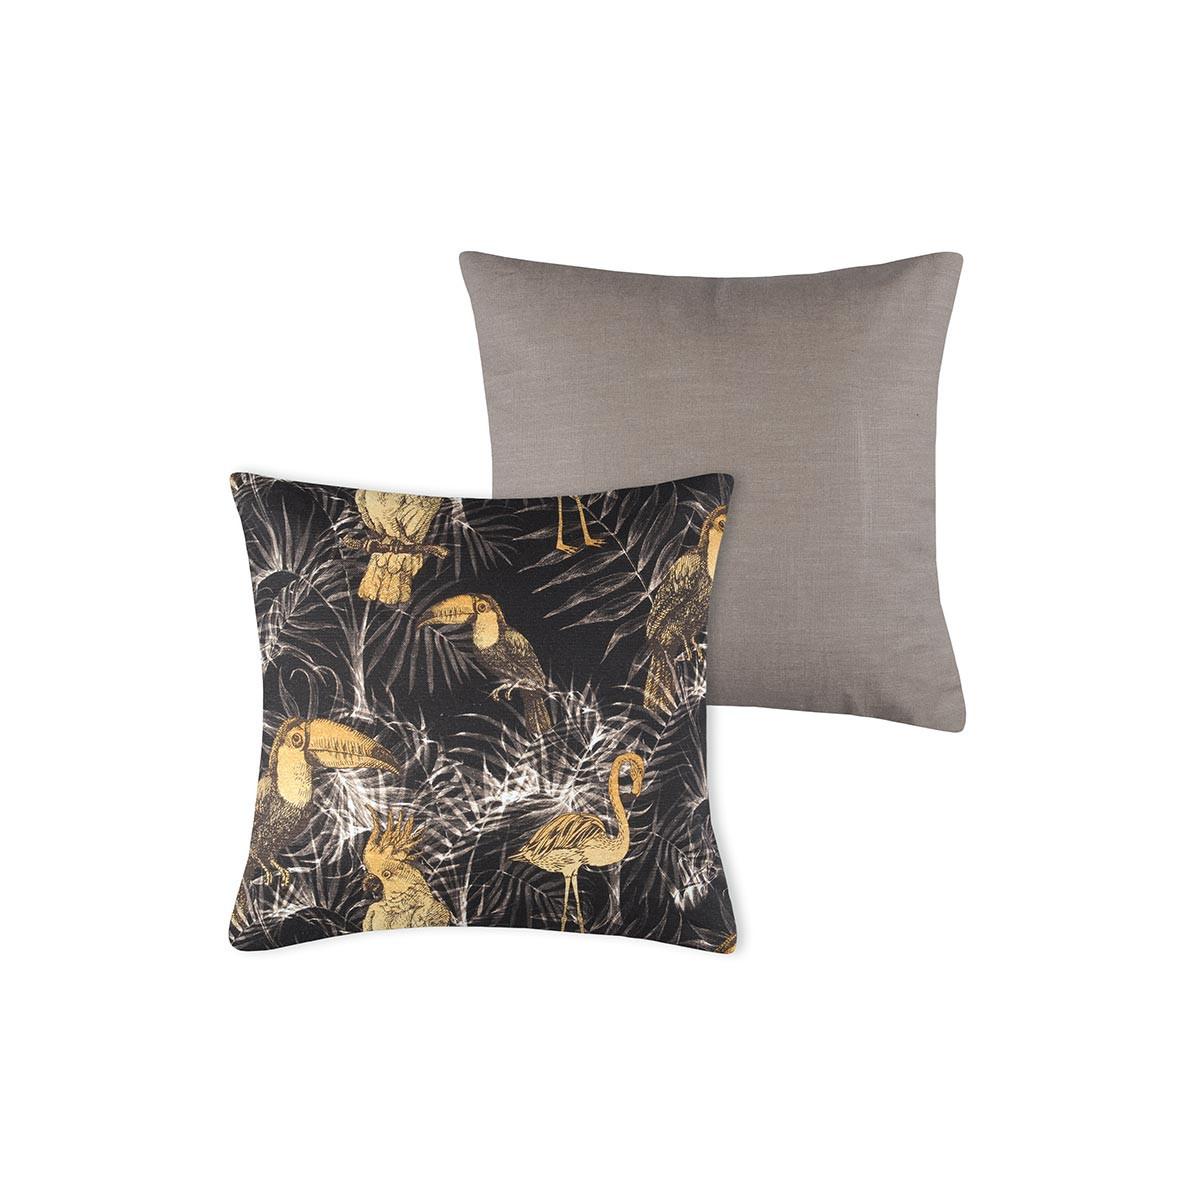 Διακοσμητικό Μαξιλάρι (40×40) Exoiseau Brun C03476001